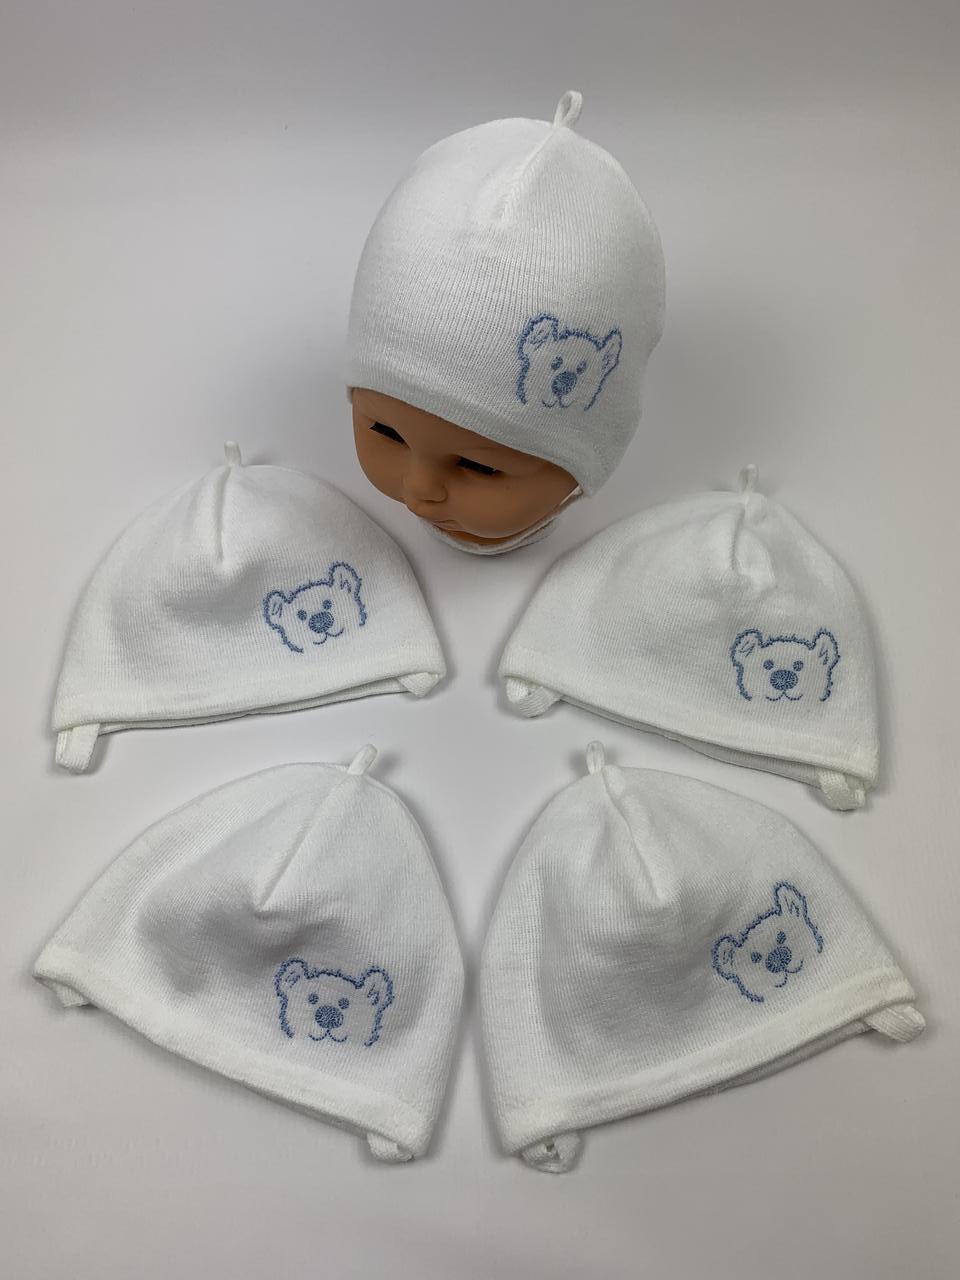 Детские польские демисезонные шапки для новорожденных оптом, р.36-38, Grans